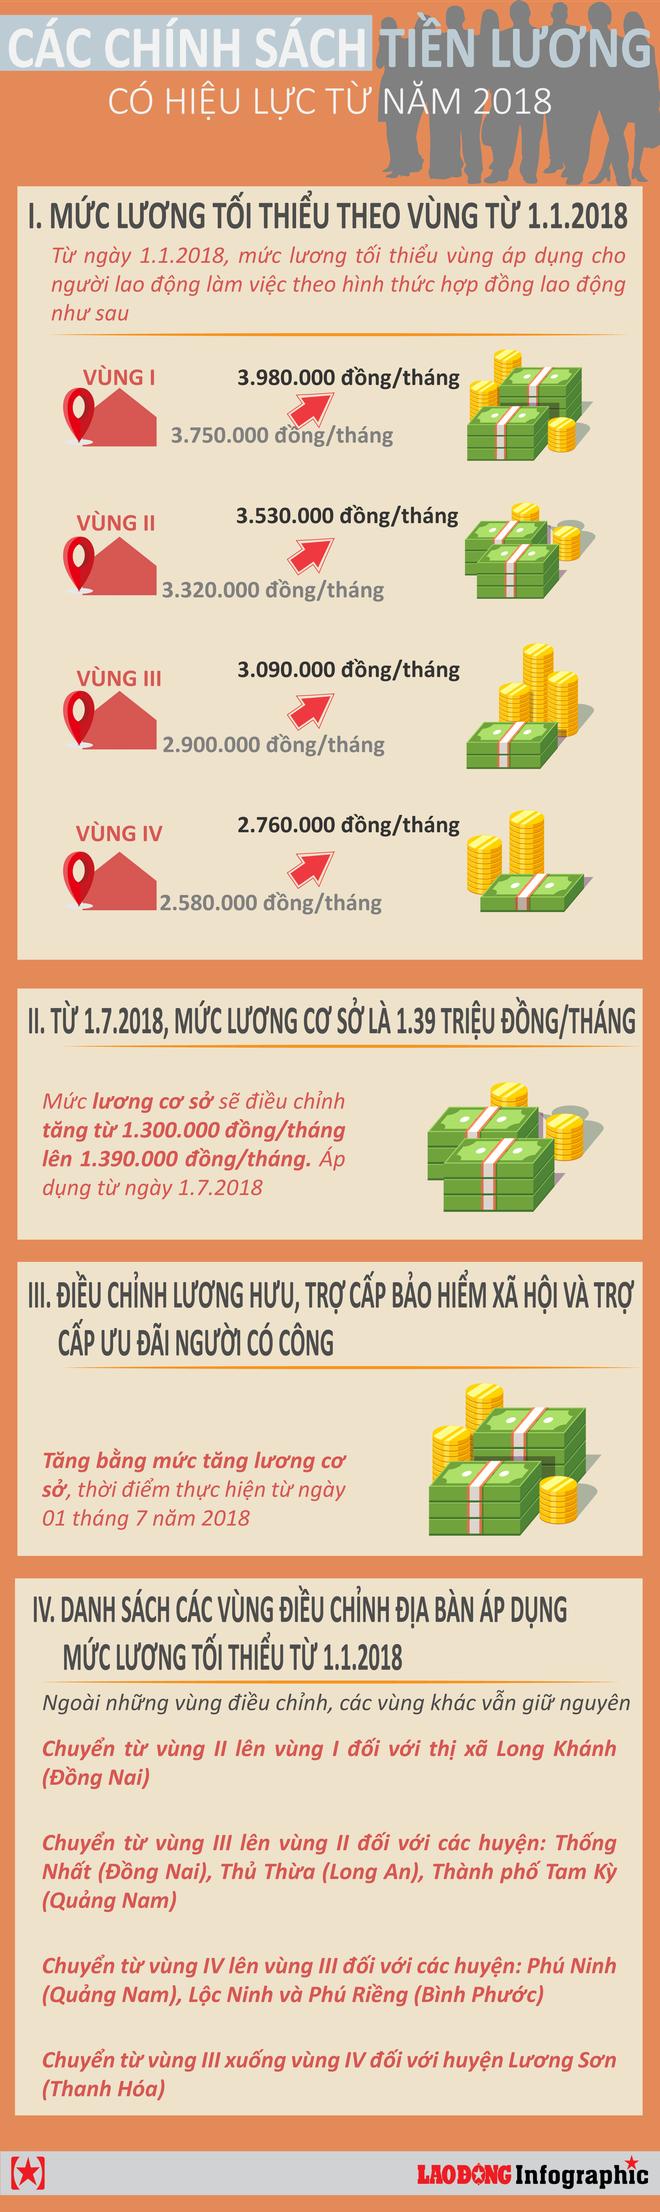 [Infographic] Năm 2018 chính sách tiền lương nào bắt đầu có hiệu lực? - Ảnh 1.